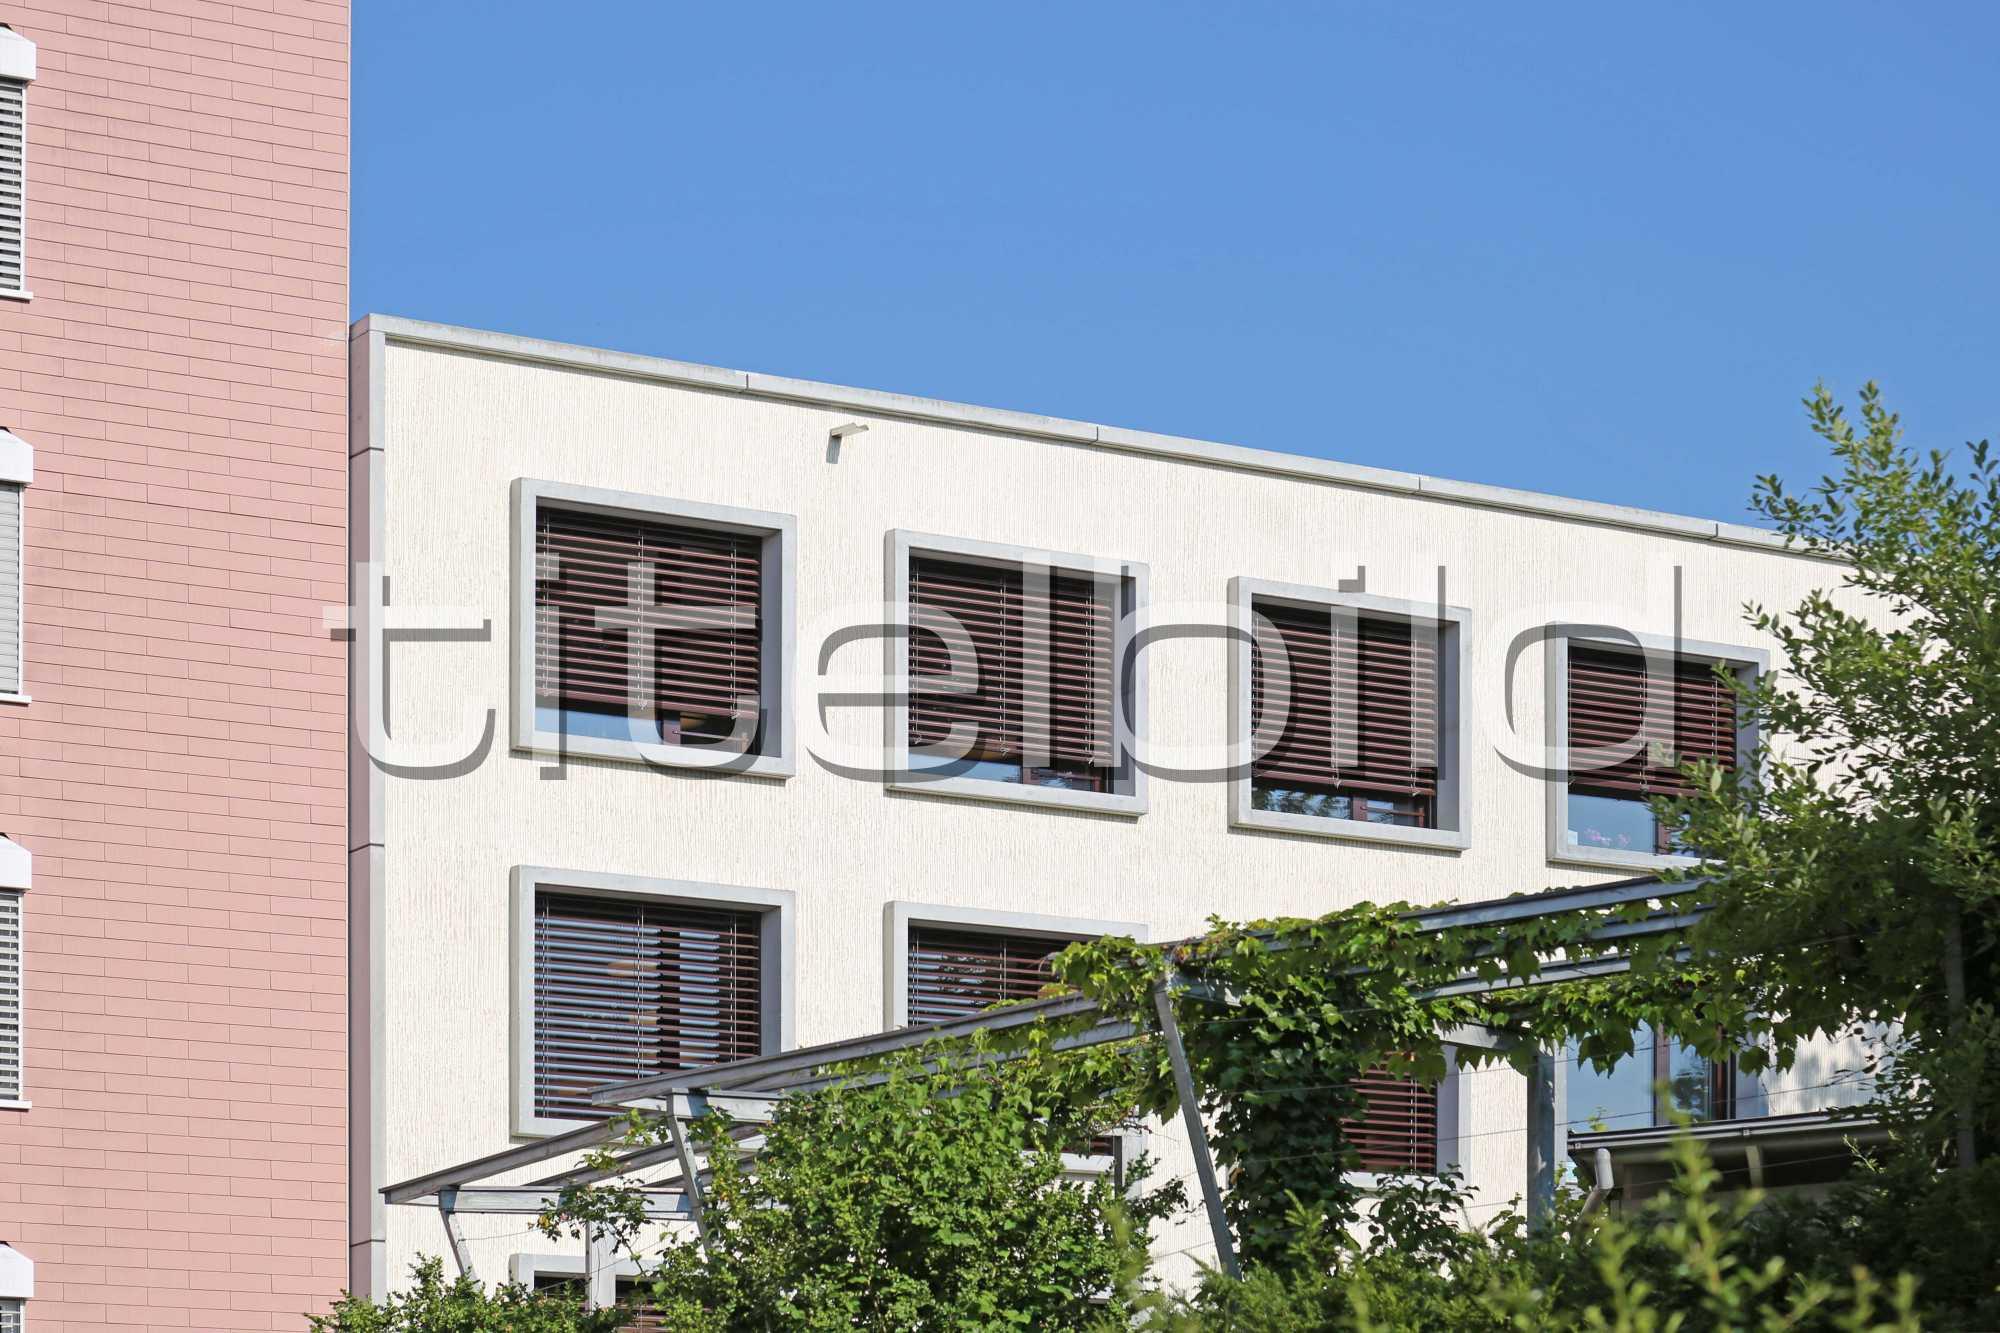 Projektbild-Nr. 7: Wägelwiesen Alters- und Pflegezentrum